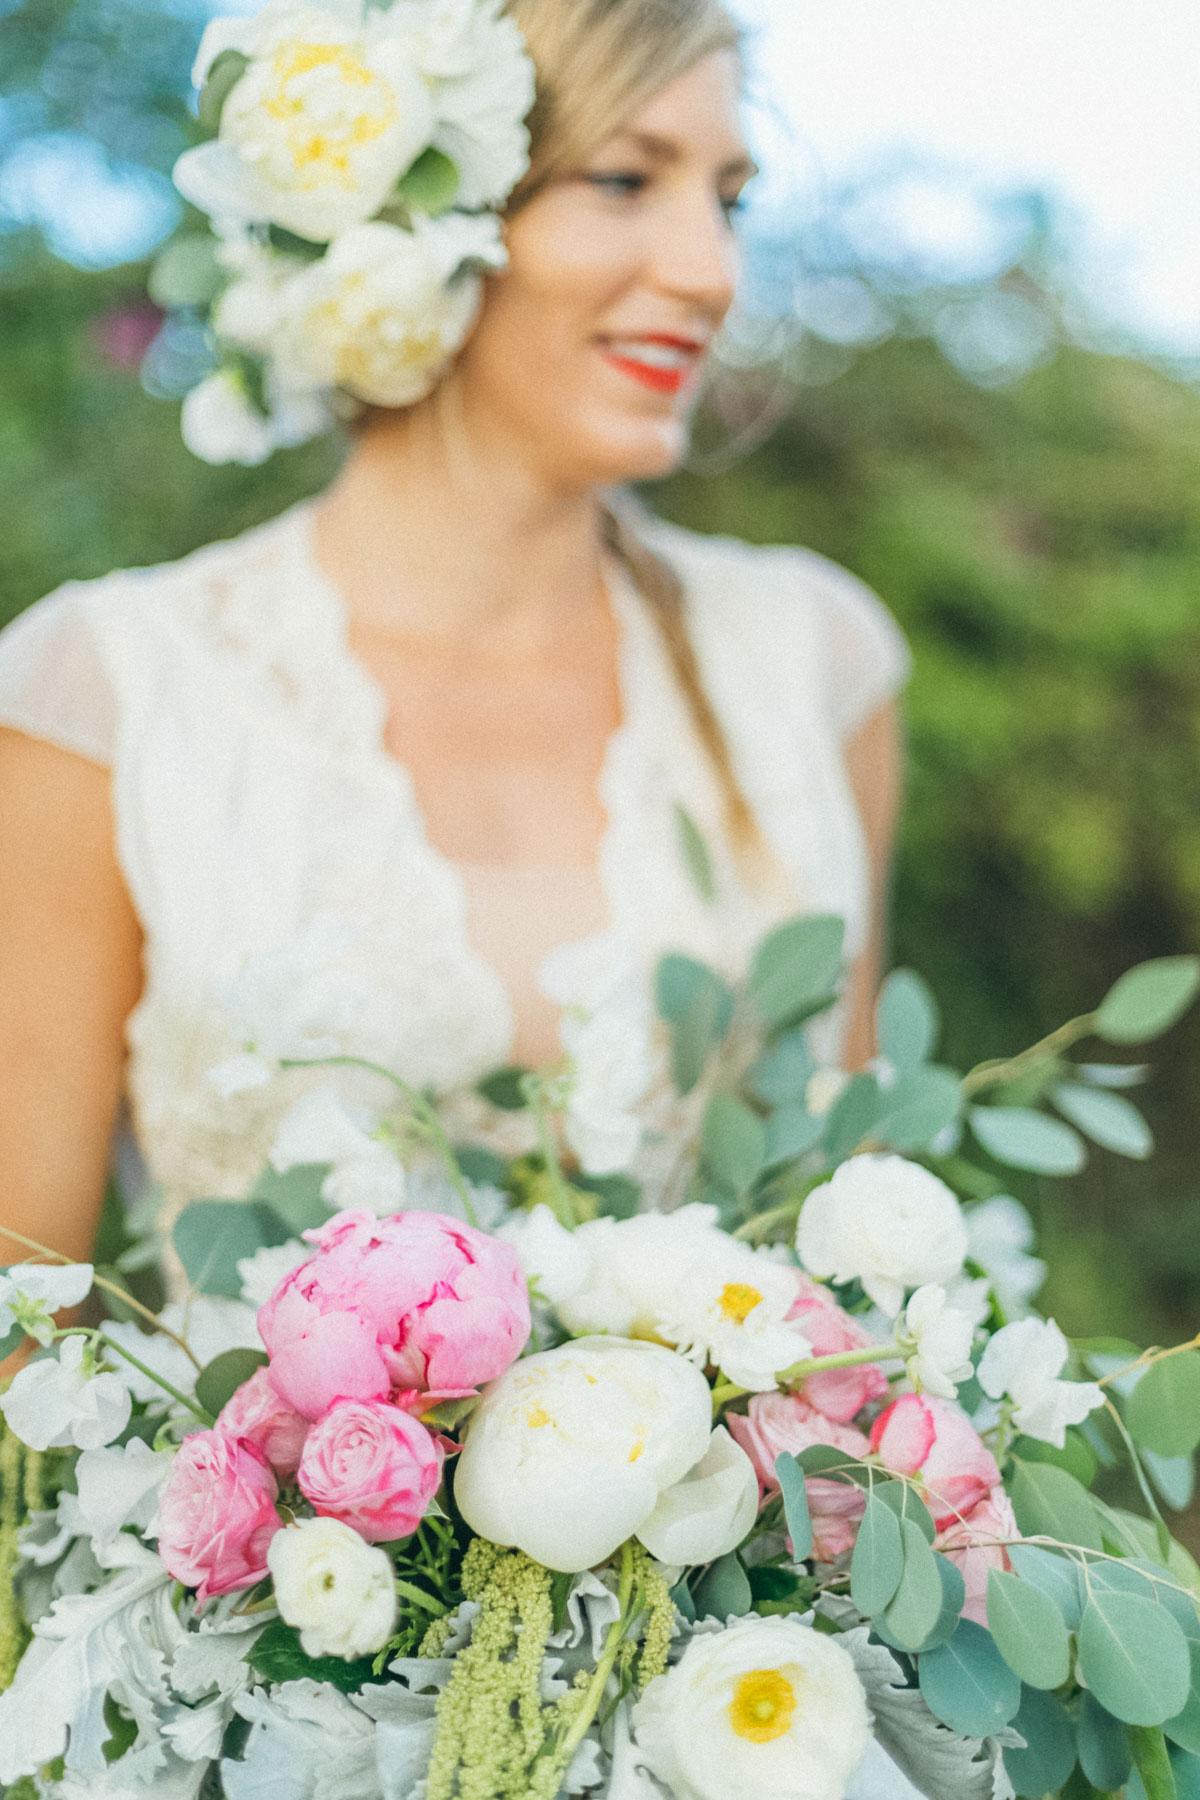 Maui pink colorful couture floral design bouquet